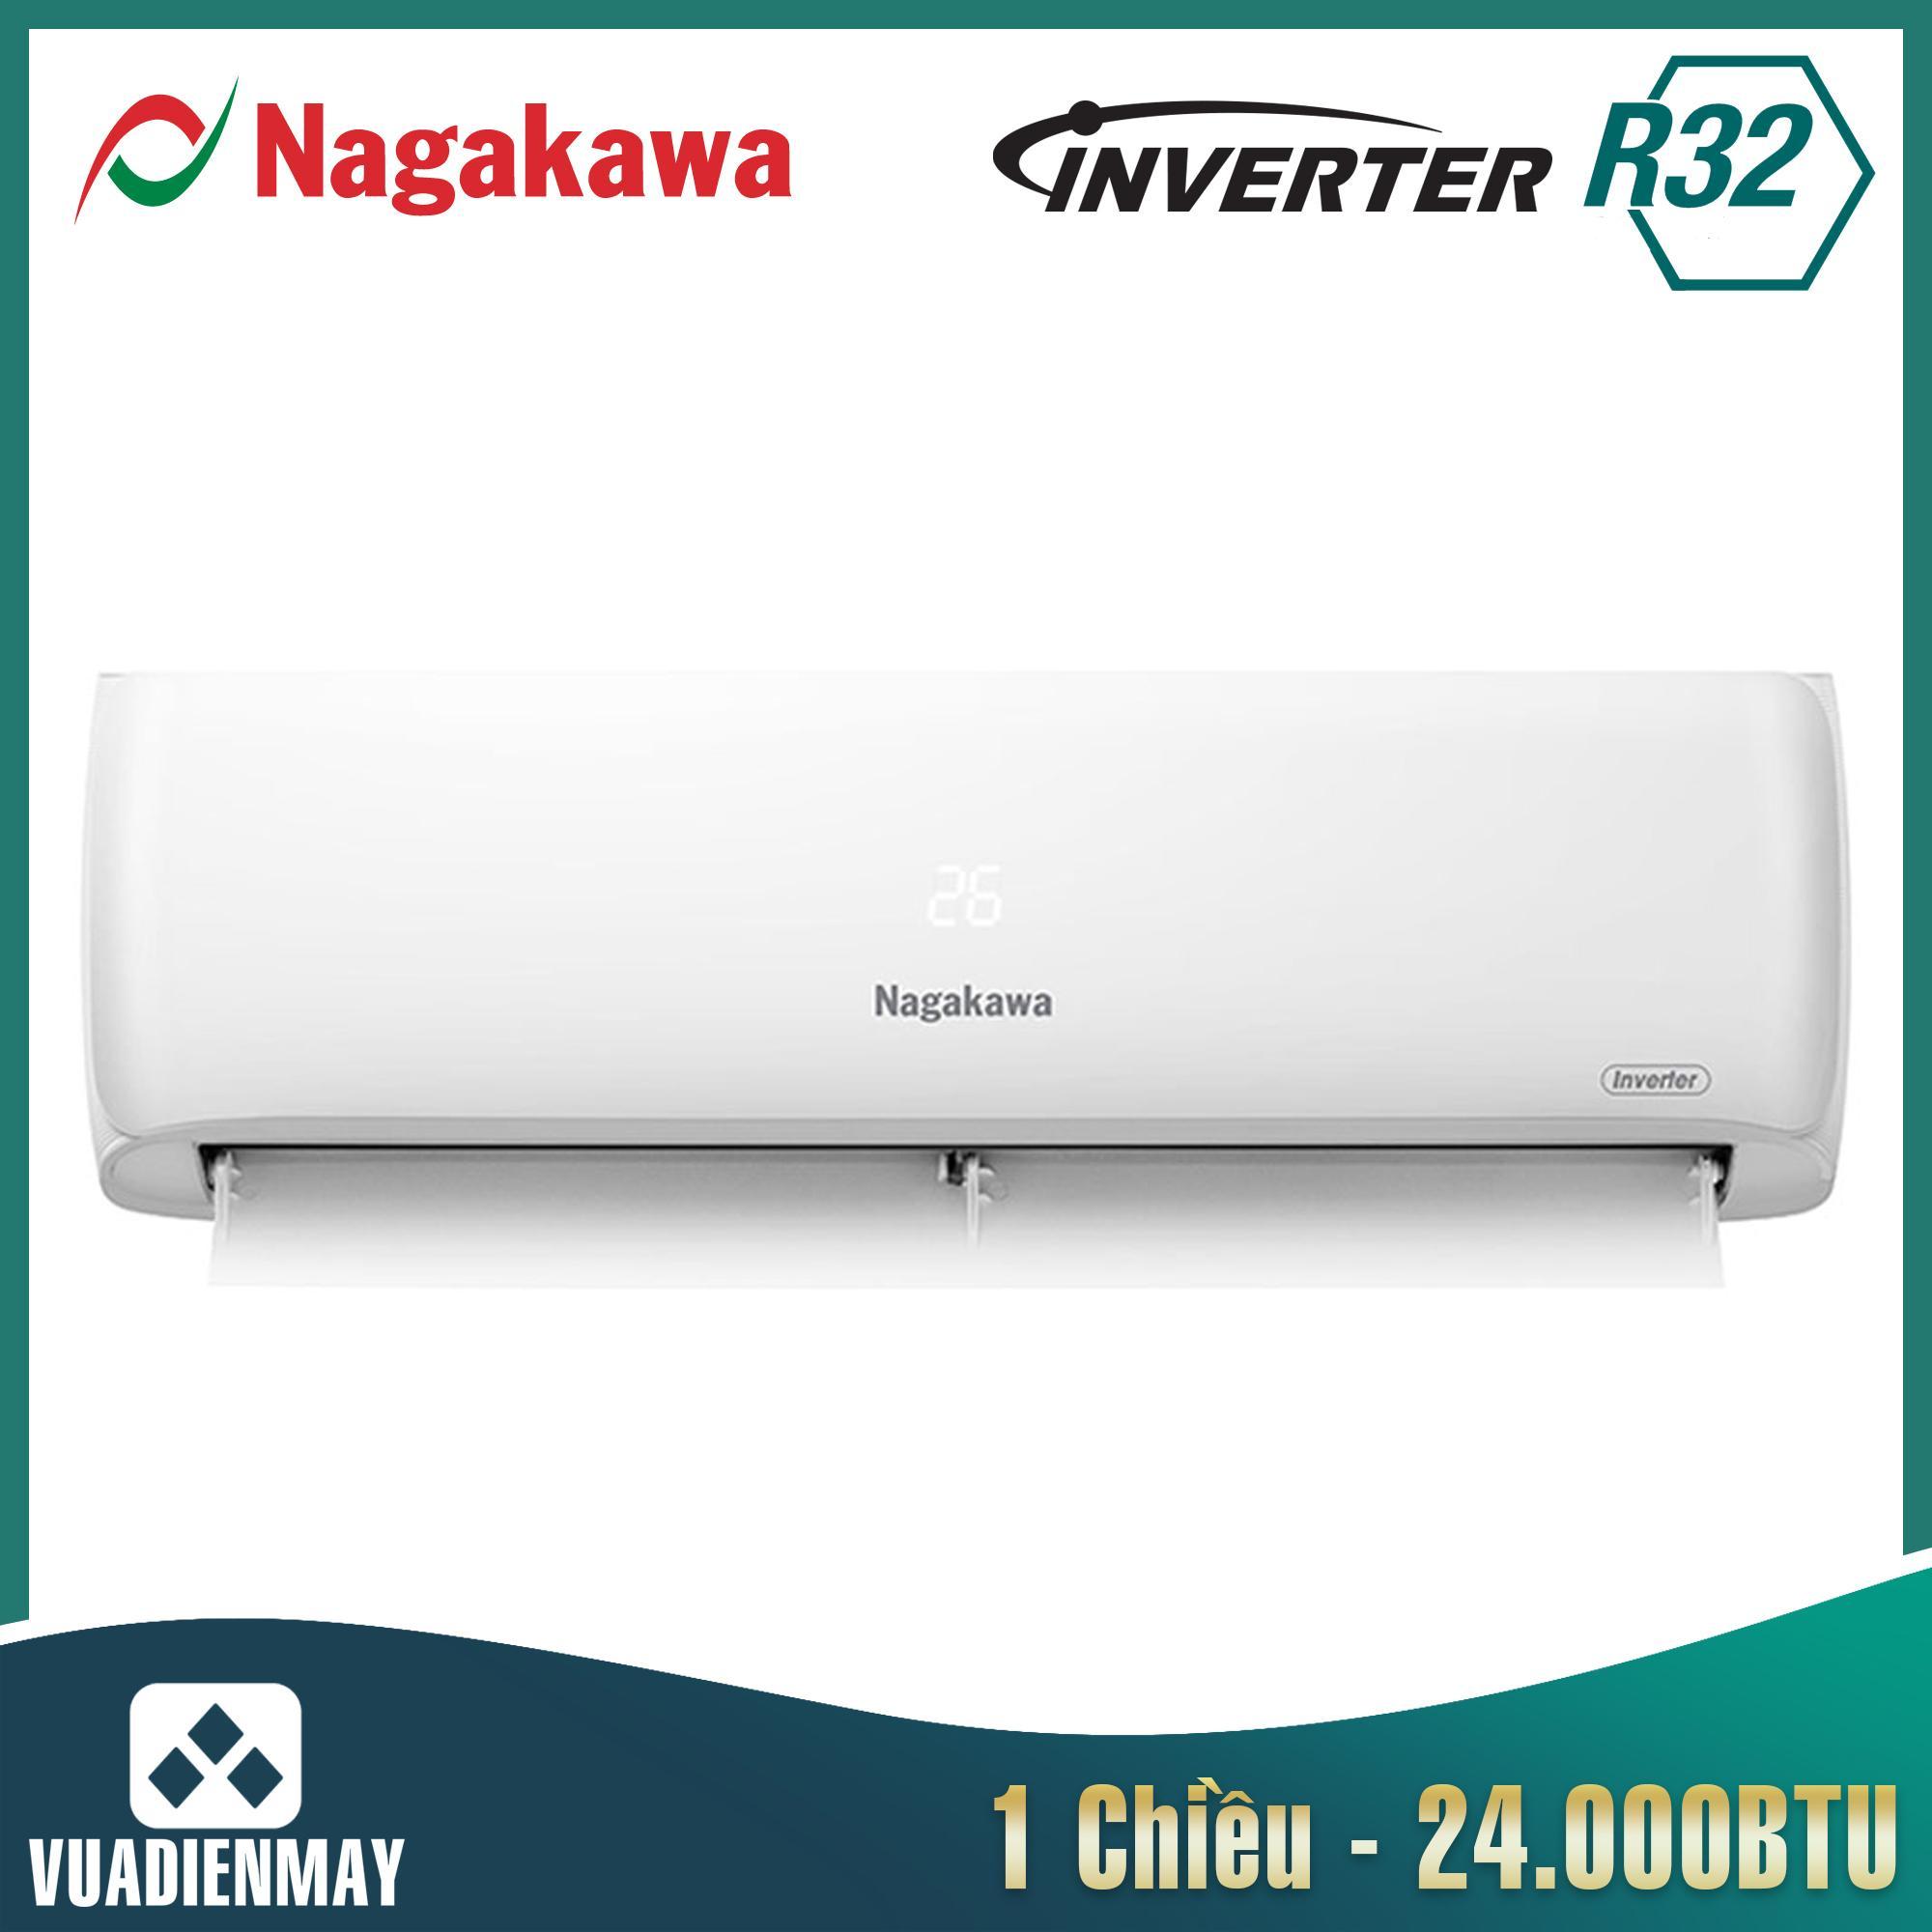 NIS-C24R2H08, Điều hòa Nagakawa 24000BTU 1 chiều inverter